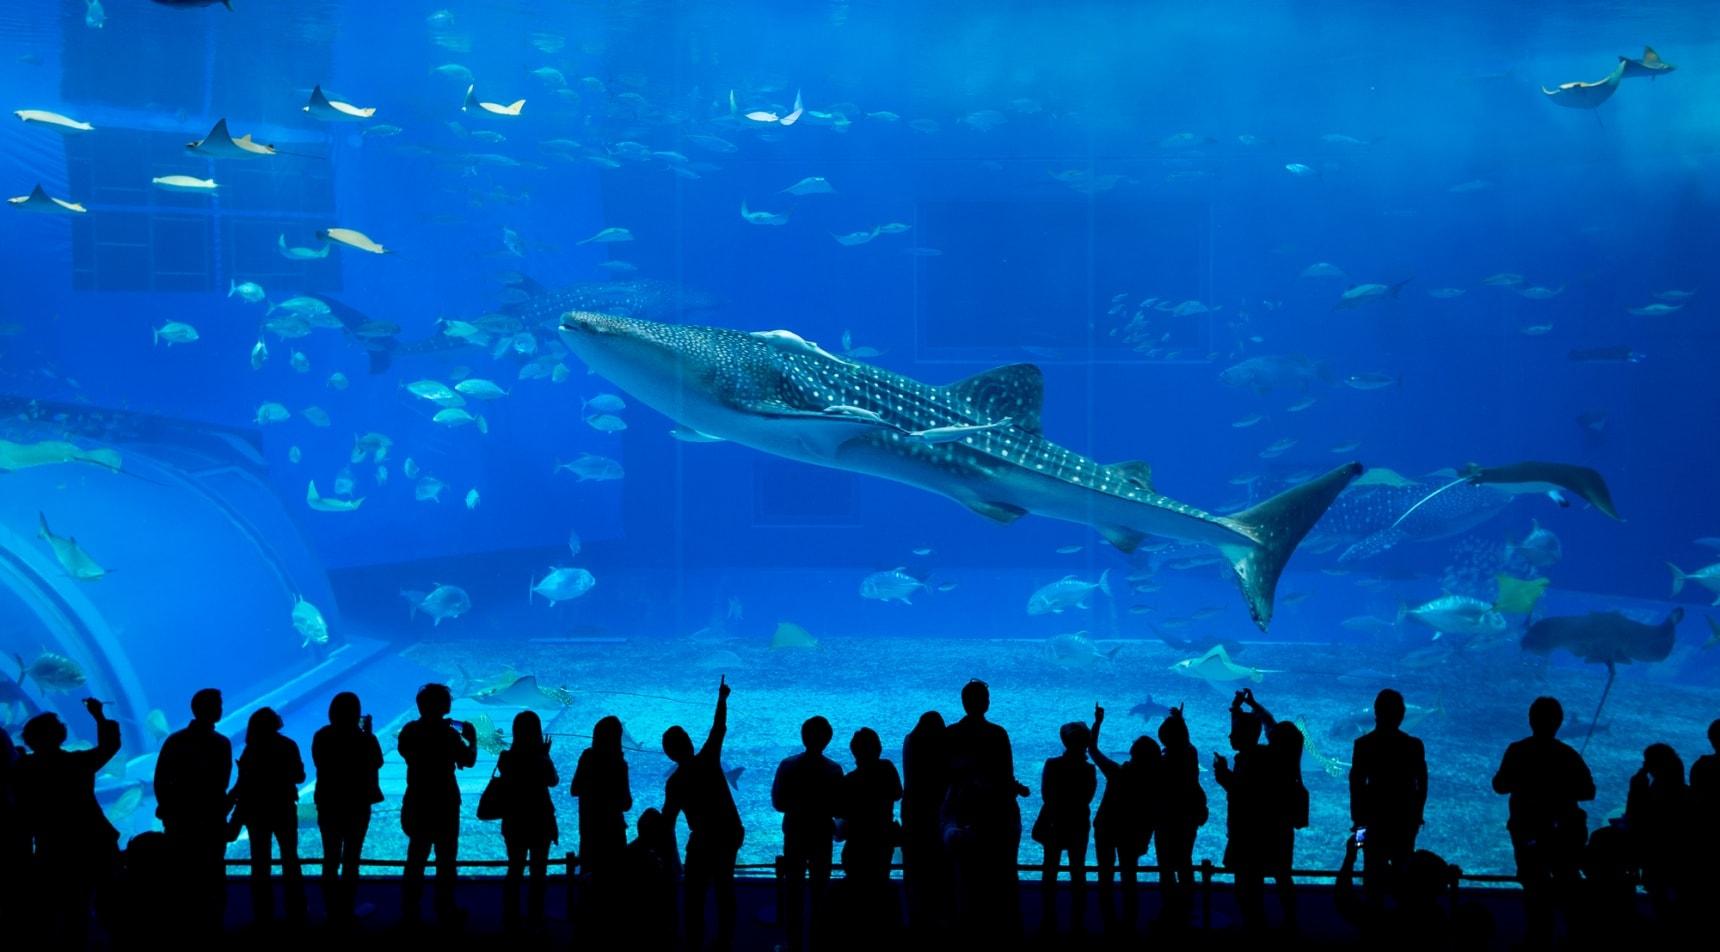 รวมอควาเรียมและพิพิธภัณท์สัตว์น้ำในญี่ปุ่น